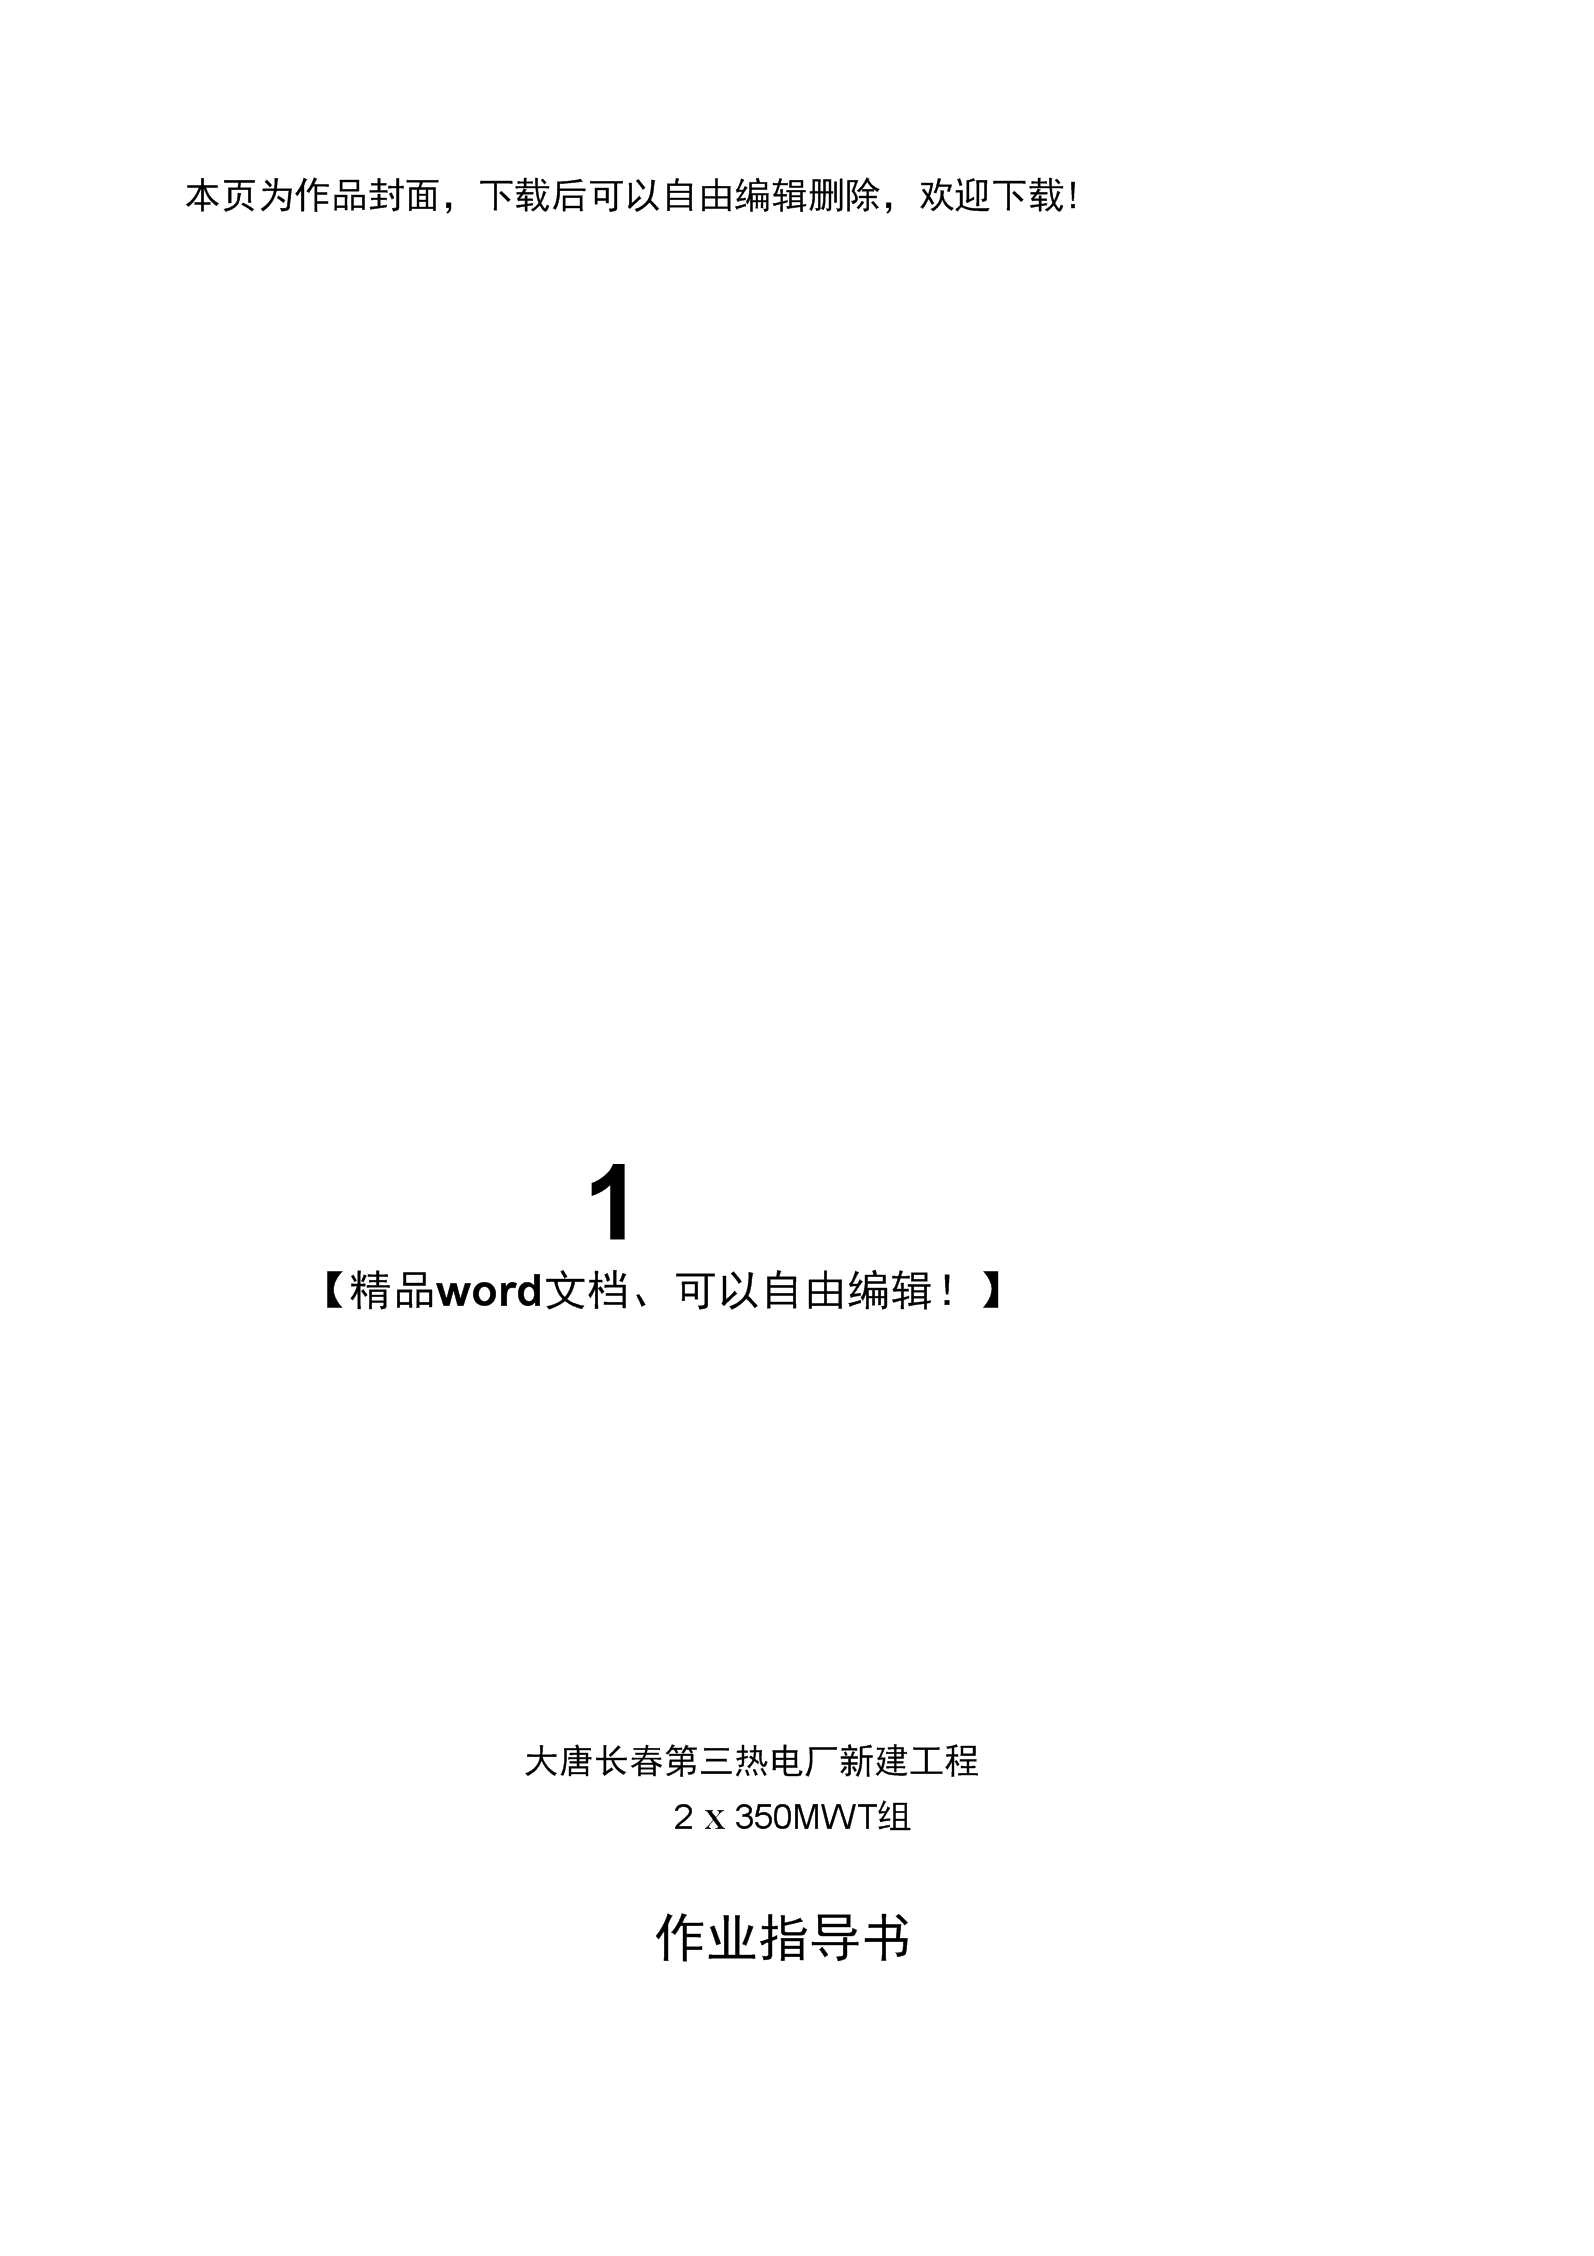 集中控制楼施工作业指导书.docx